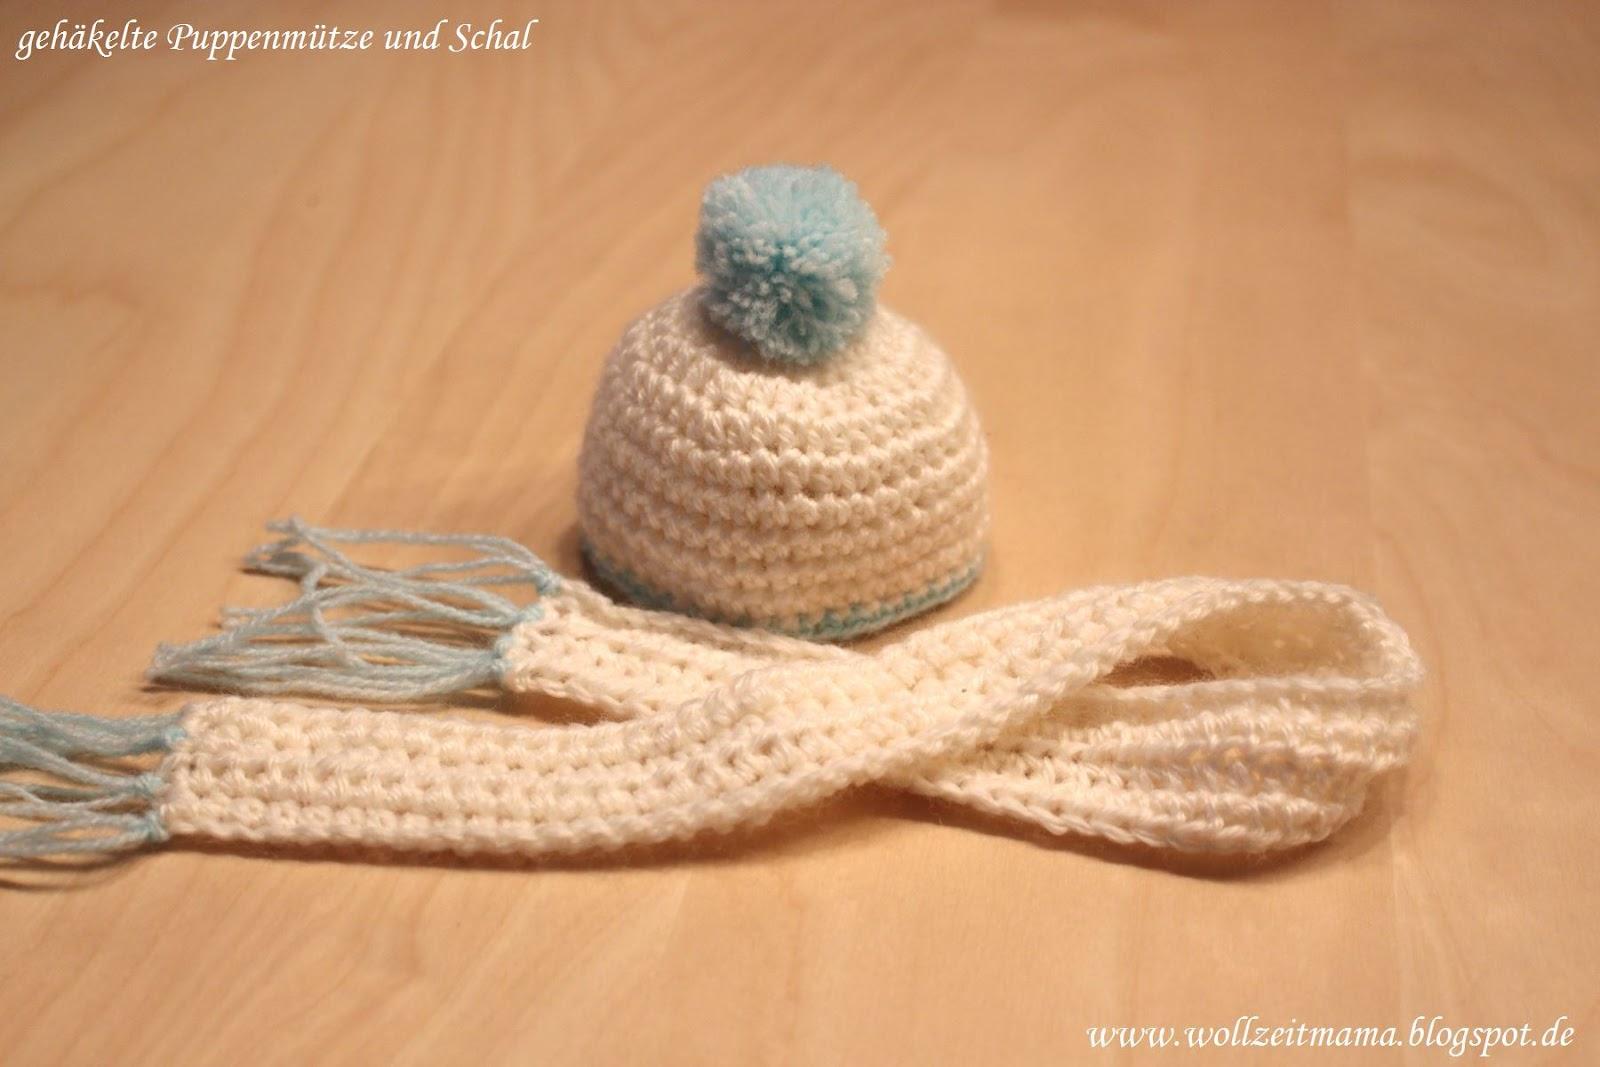 Wollzeitmama: Gehäkelte Pudelmütze und Schal für Puppen und Kuscheltiere